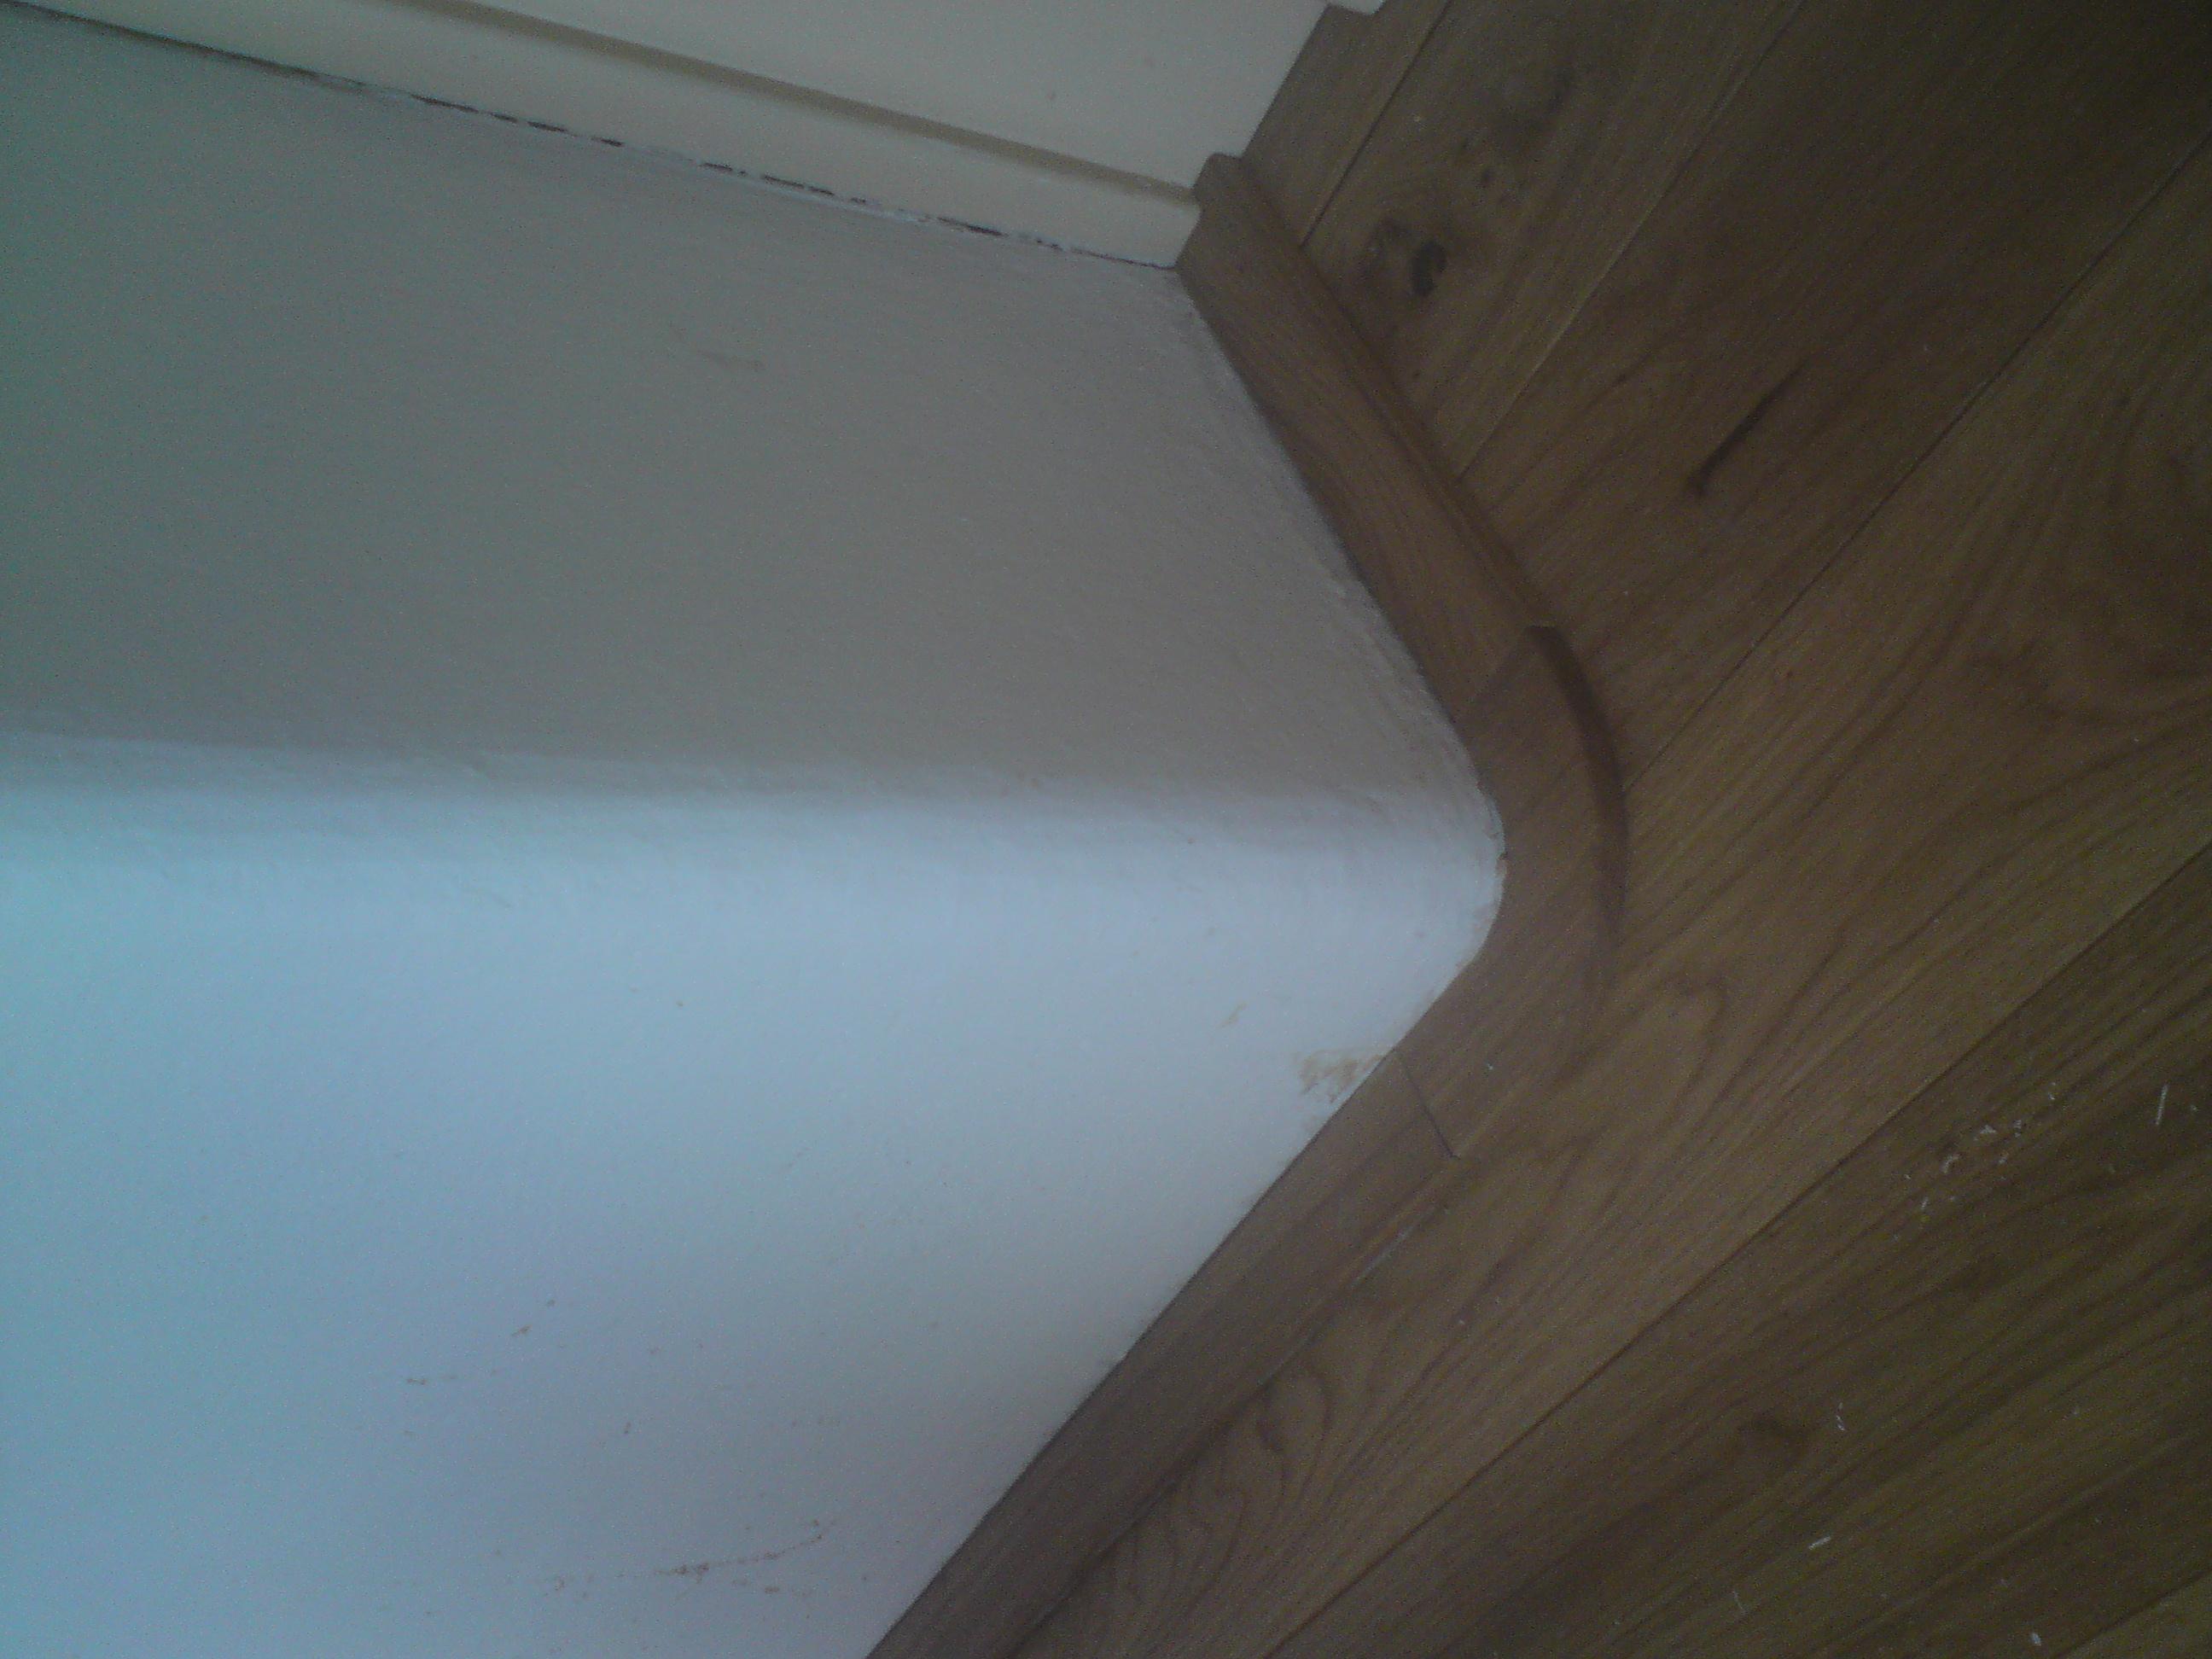 Lištování kulatých rohů podlahy